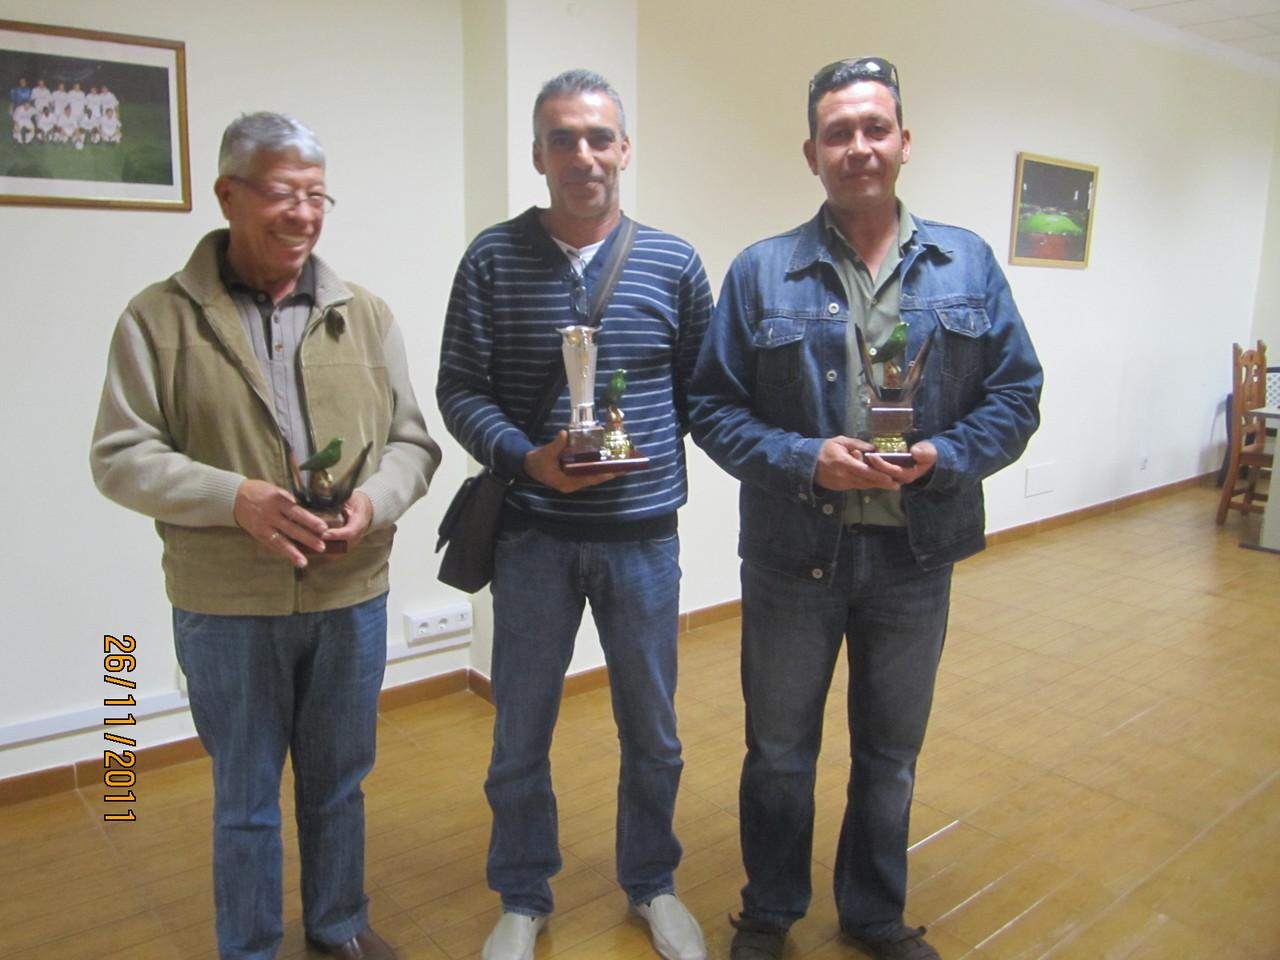 José Luis Rodríguez Pulido, Carlos León Reyes y Juan Carlos Reyes Pérez